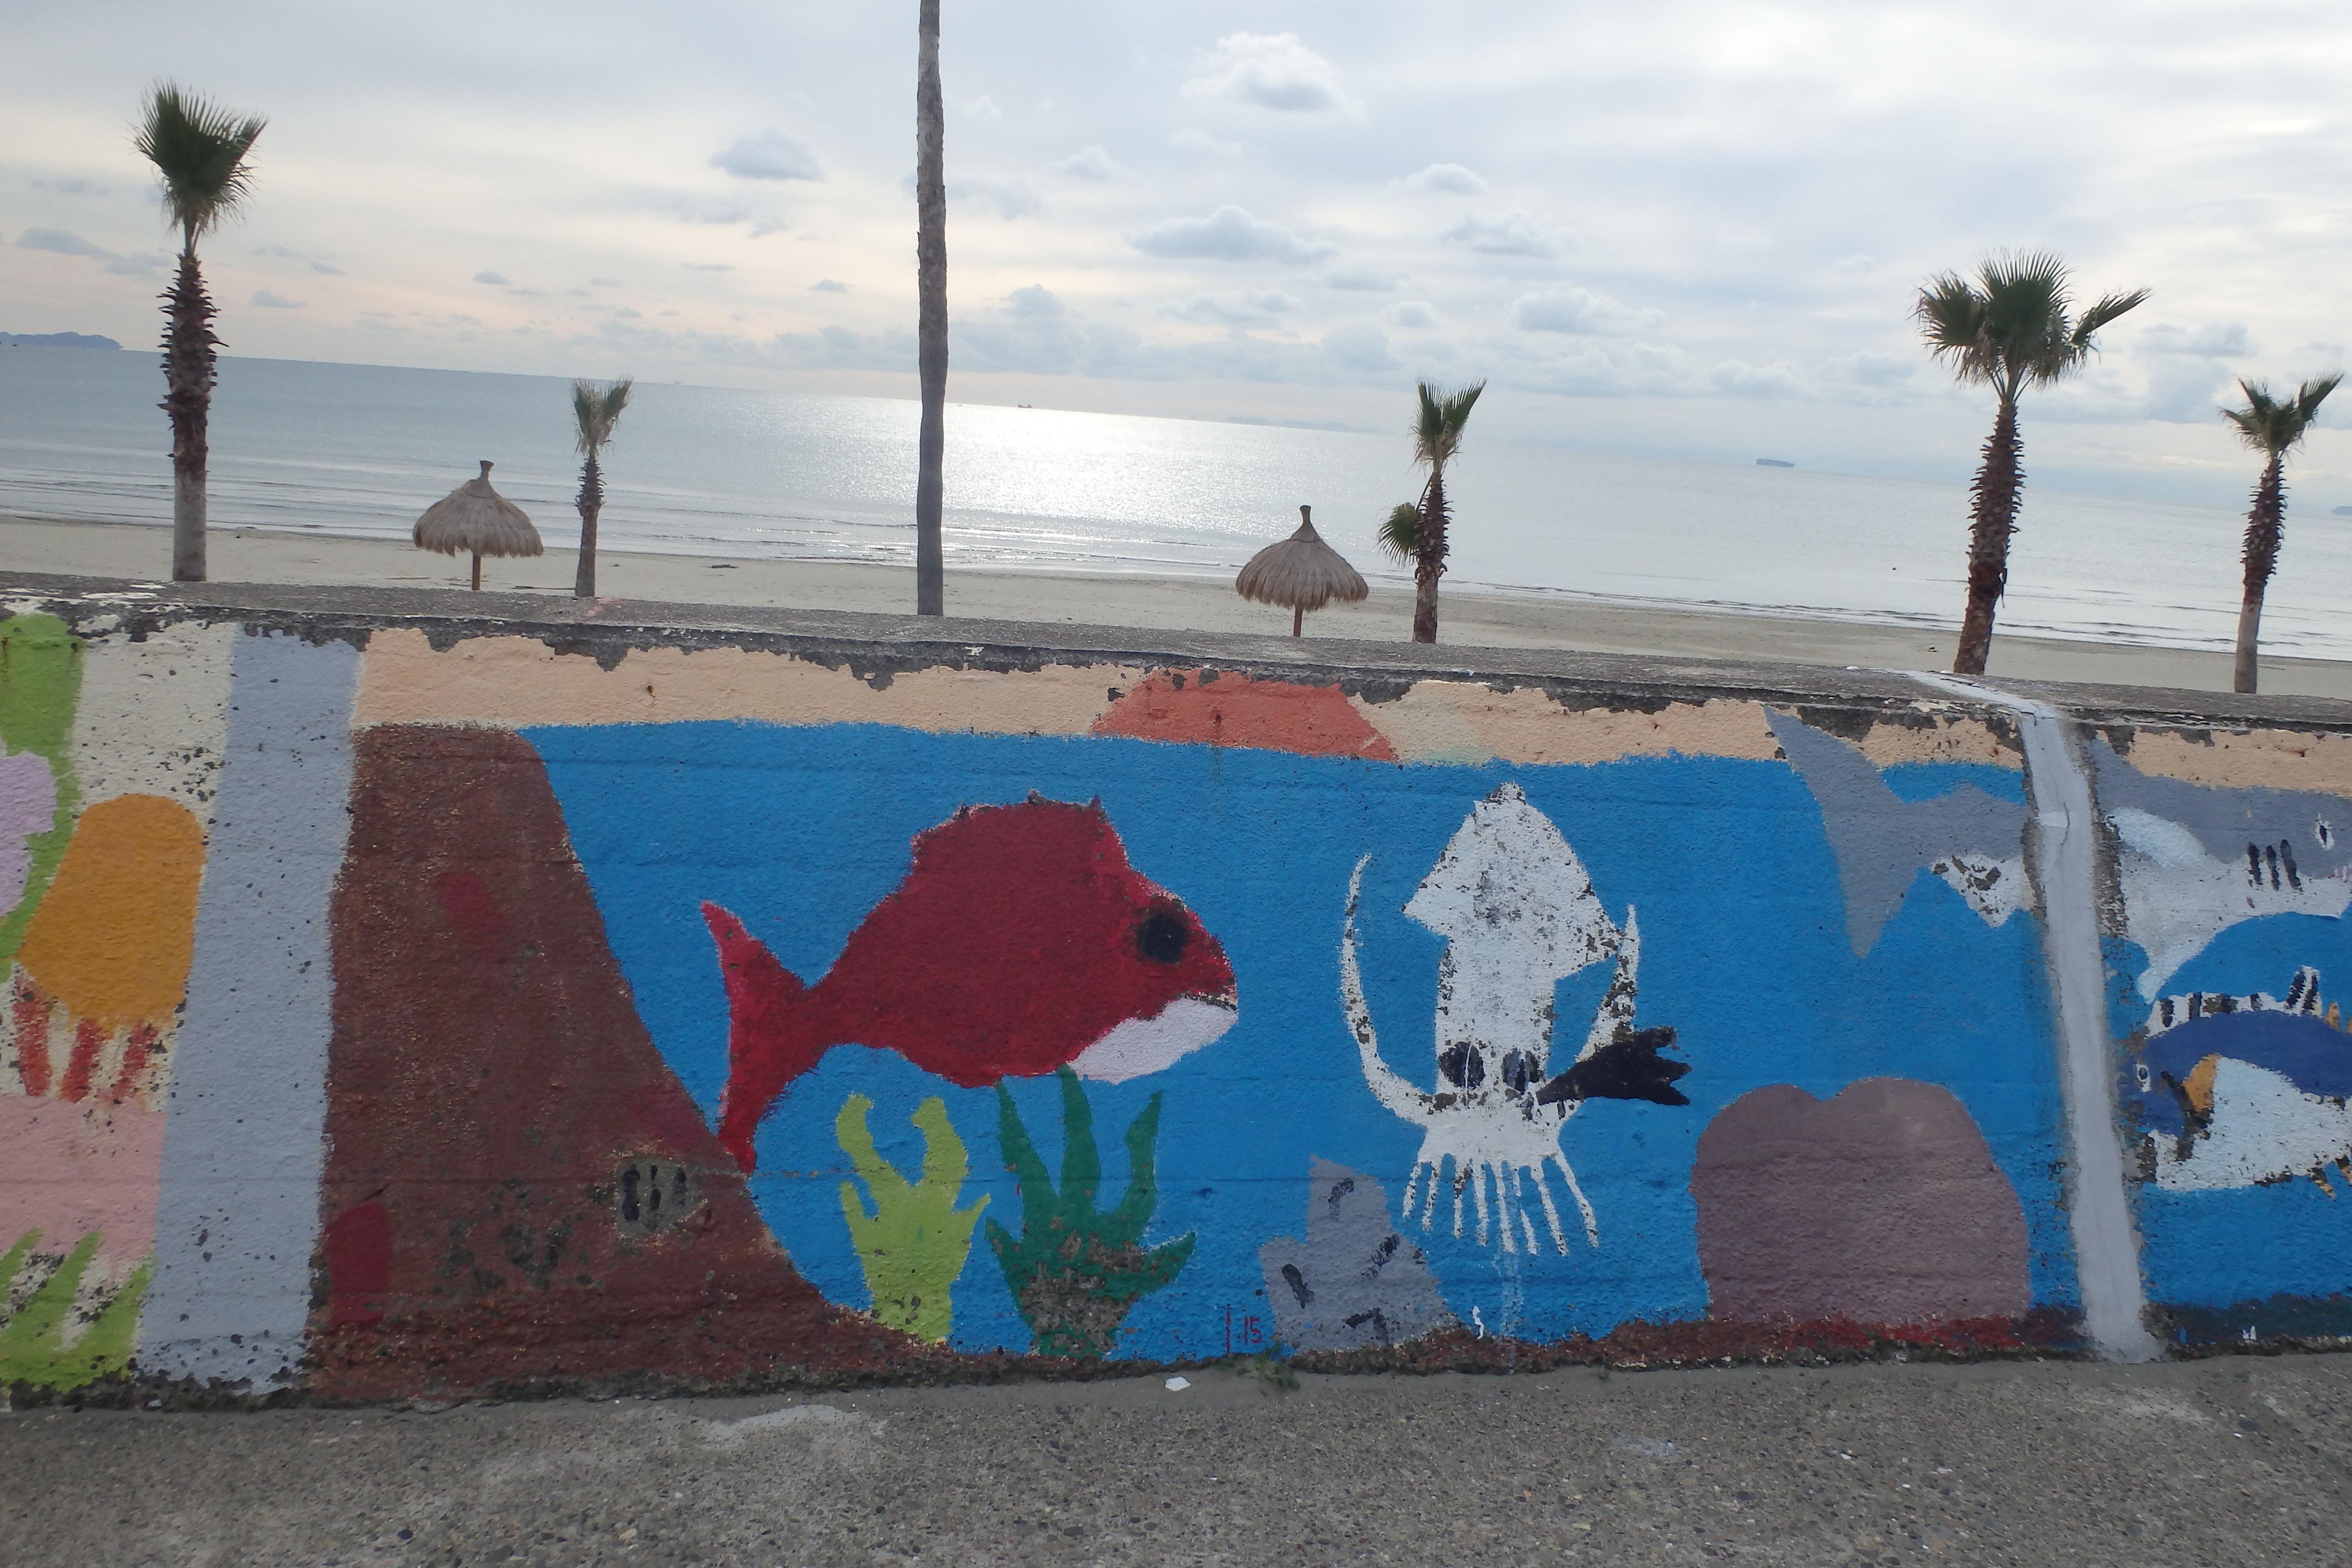 写真:磯ノ浦海水浴場のおしゃれな壁(2枚目)